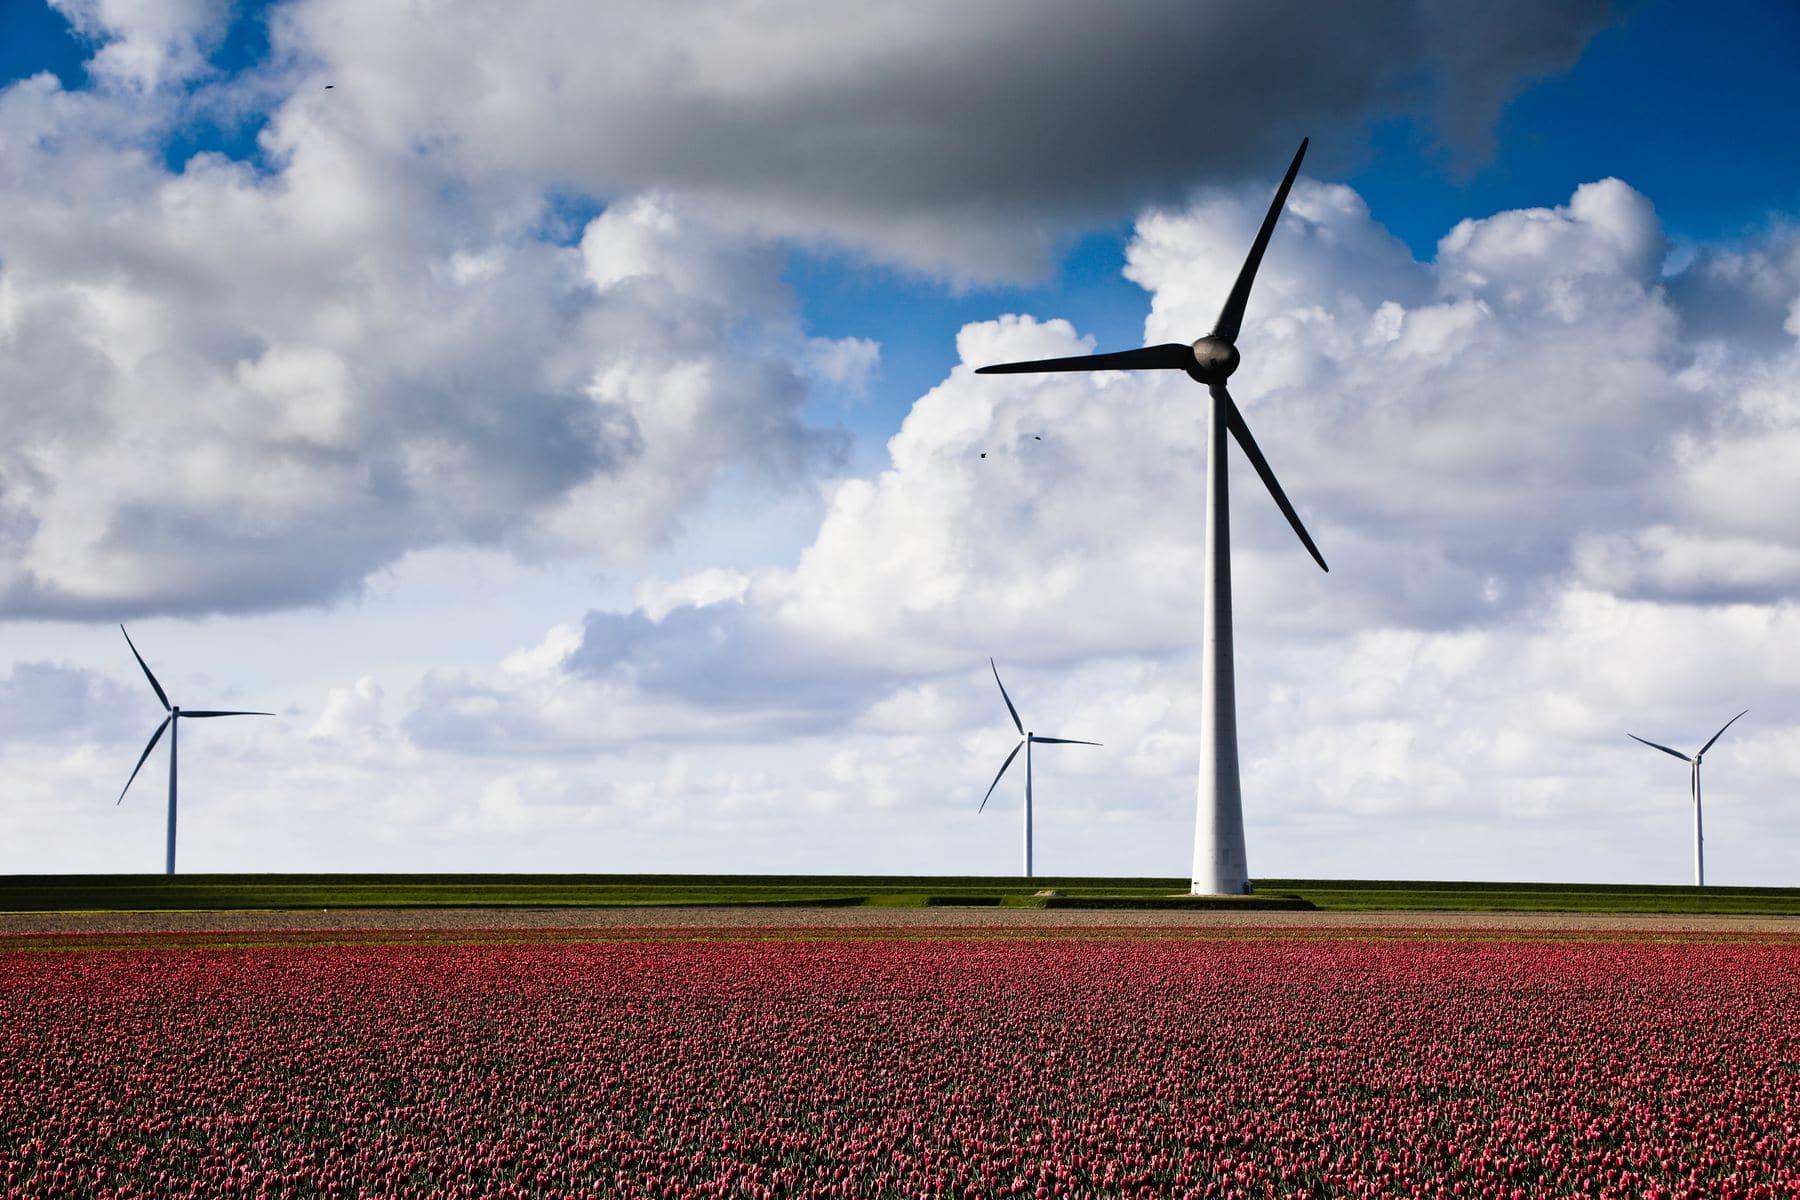 Nederland positief gestemd over nieuwe Europese klimaatvoorstellen